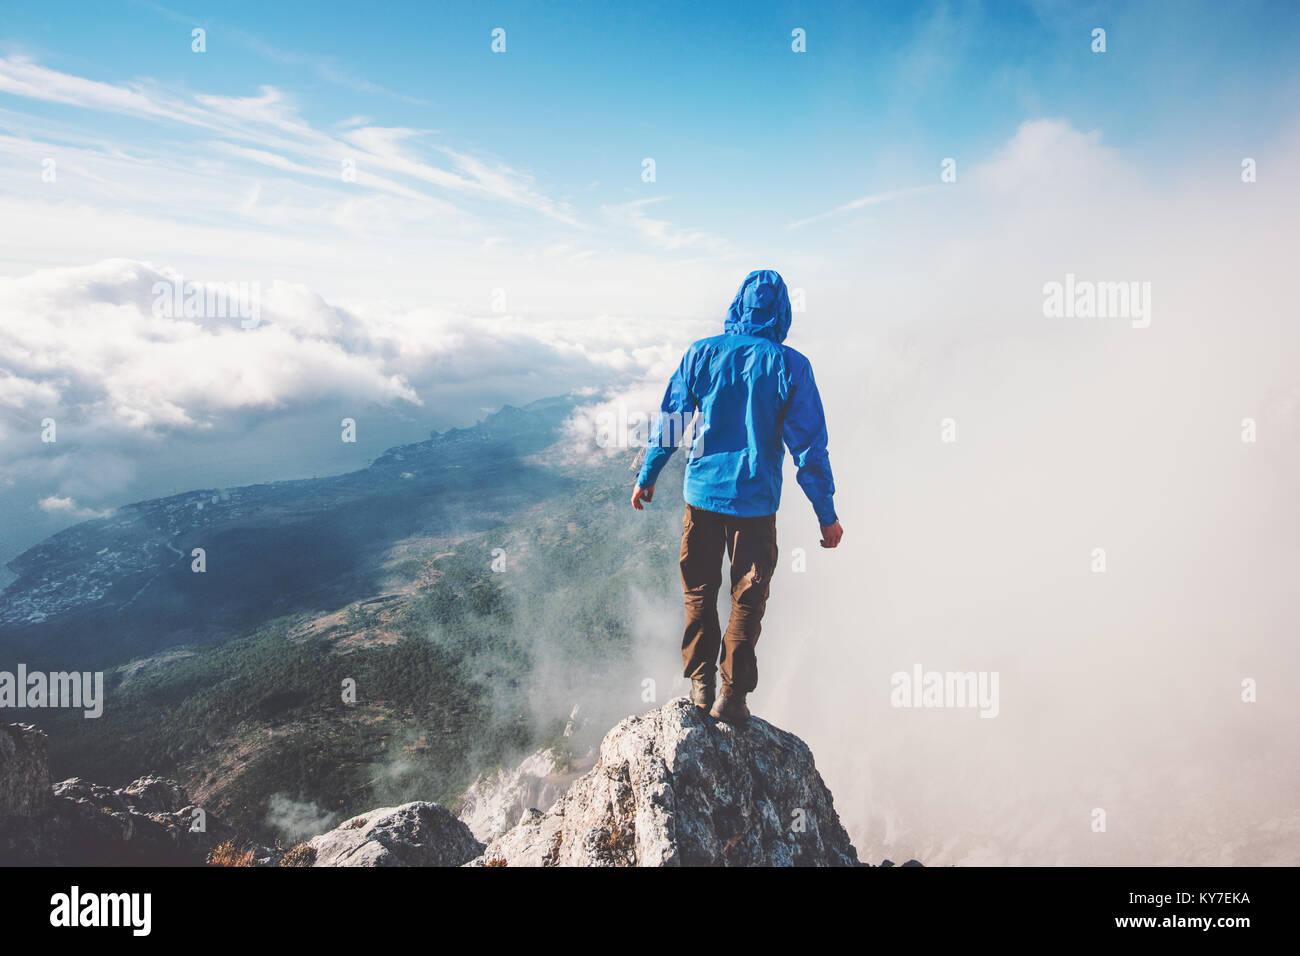 Meilleur homme sur la falaise de montagne bénéficiant vue aérienne sur les nuages de Vie Voyage aventure Photo Stock